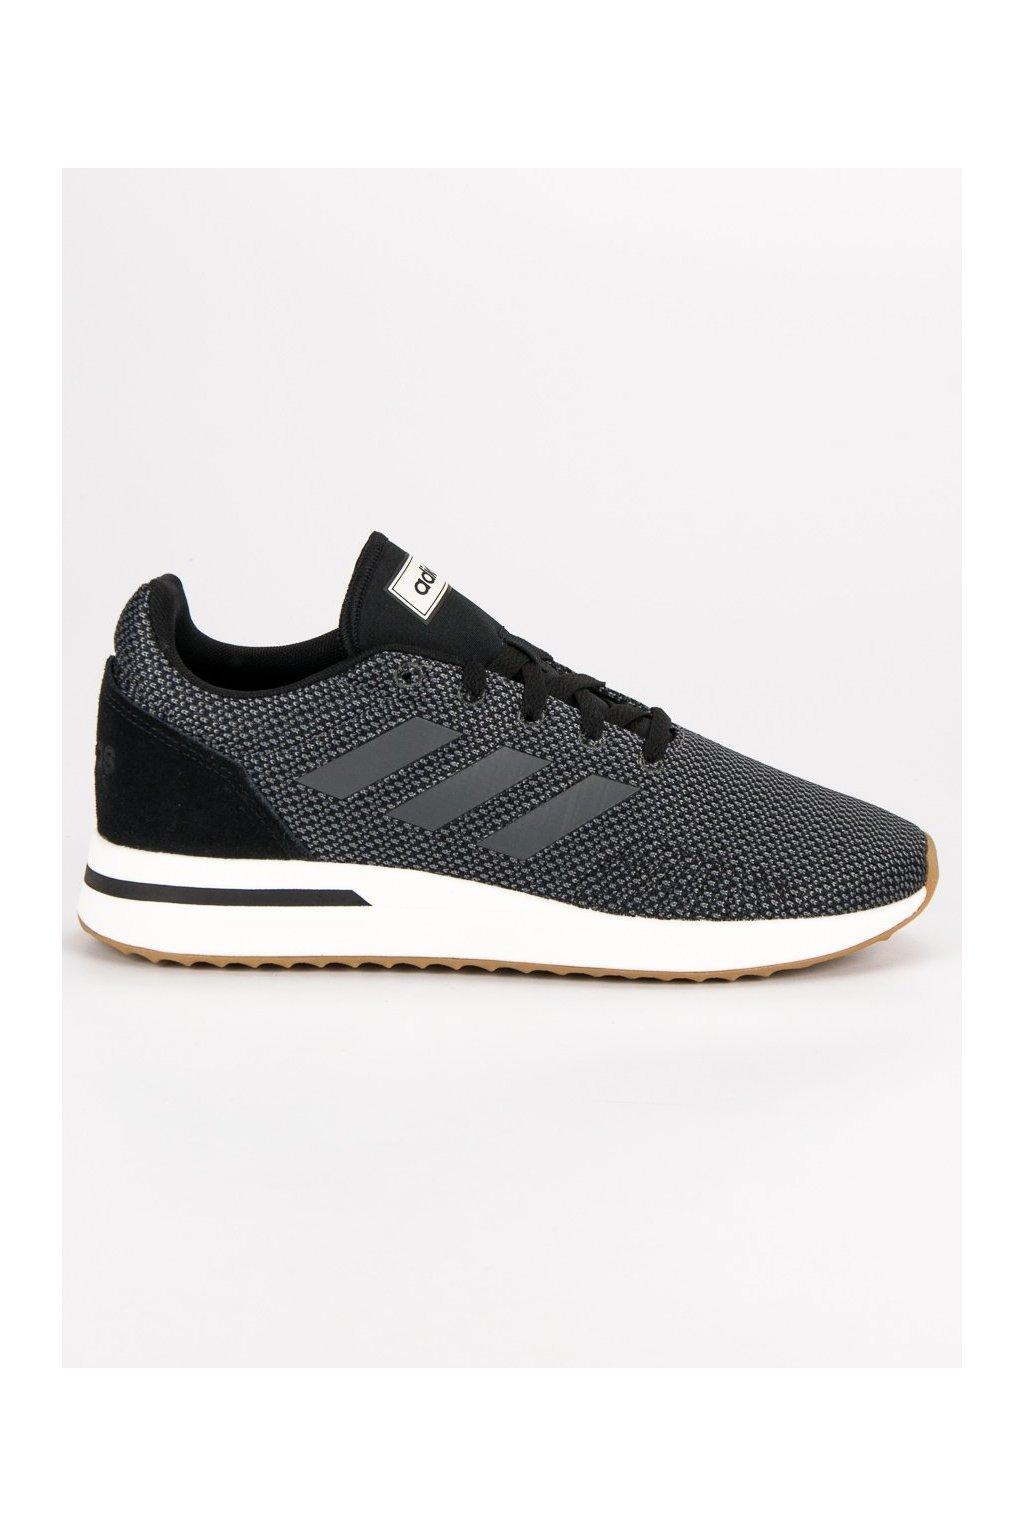 Sivé pánske športové topánky - Adidas B96558